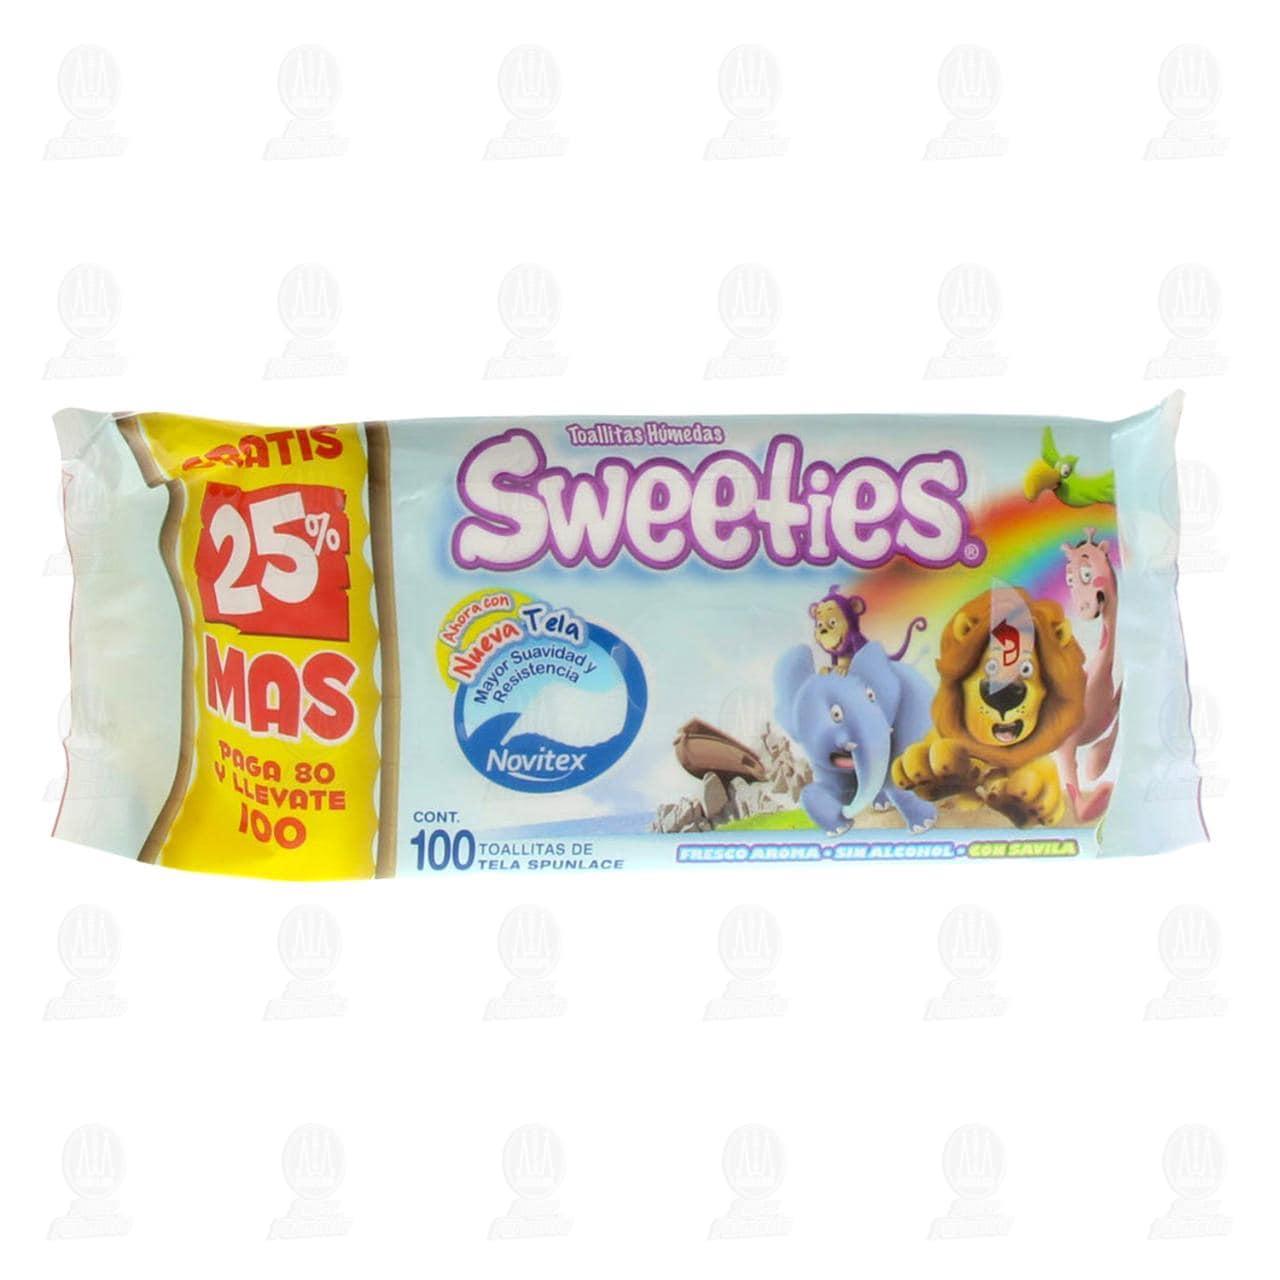 Toallitas para Bebé Sweeties Tela Spunlace, 100 pzas.